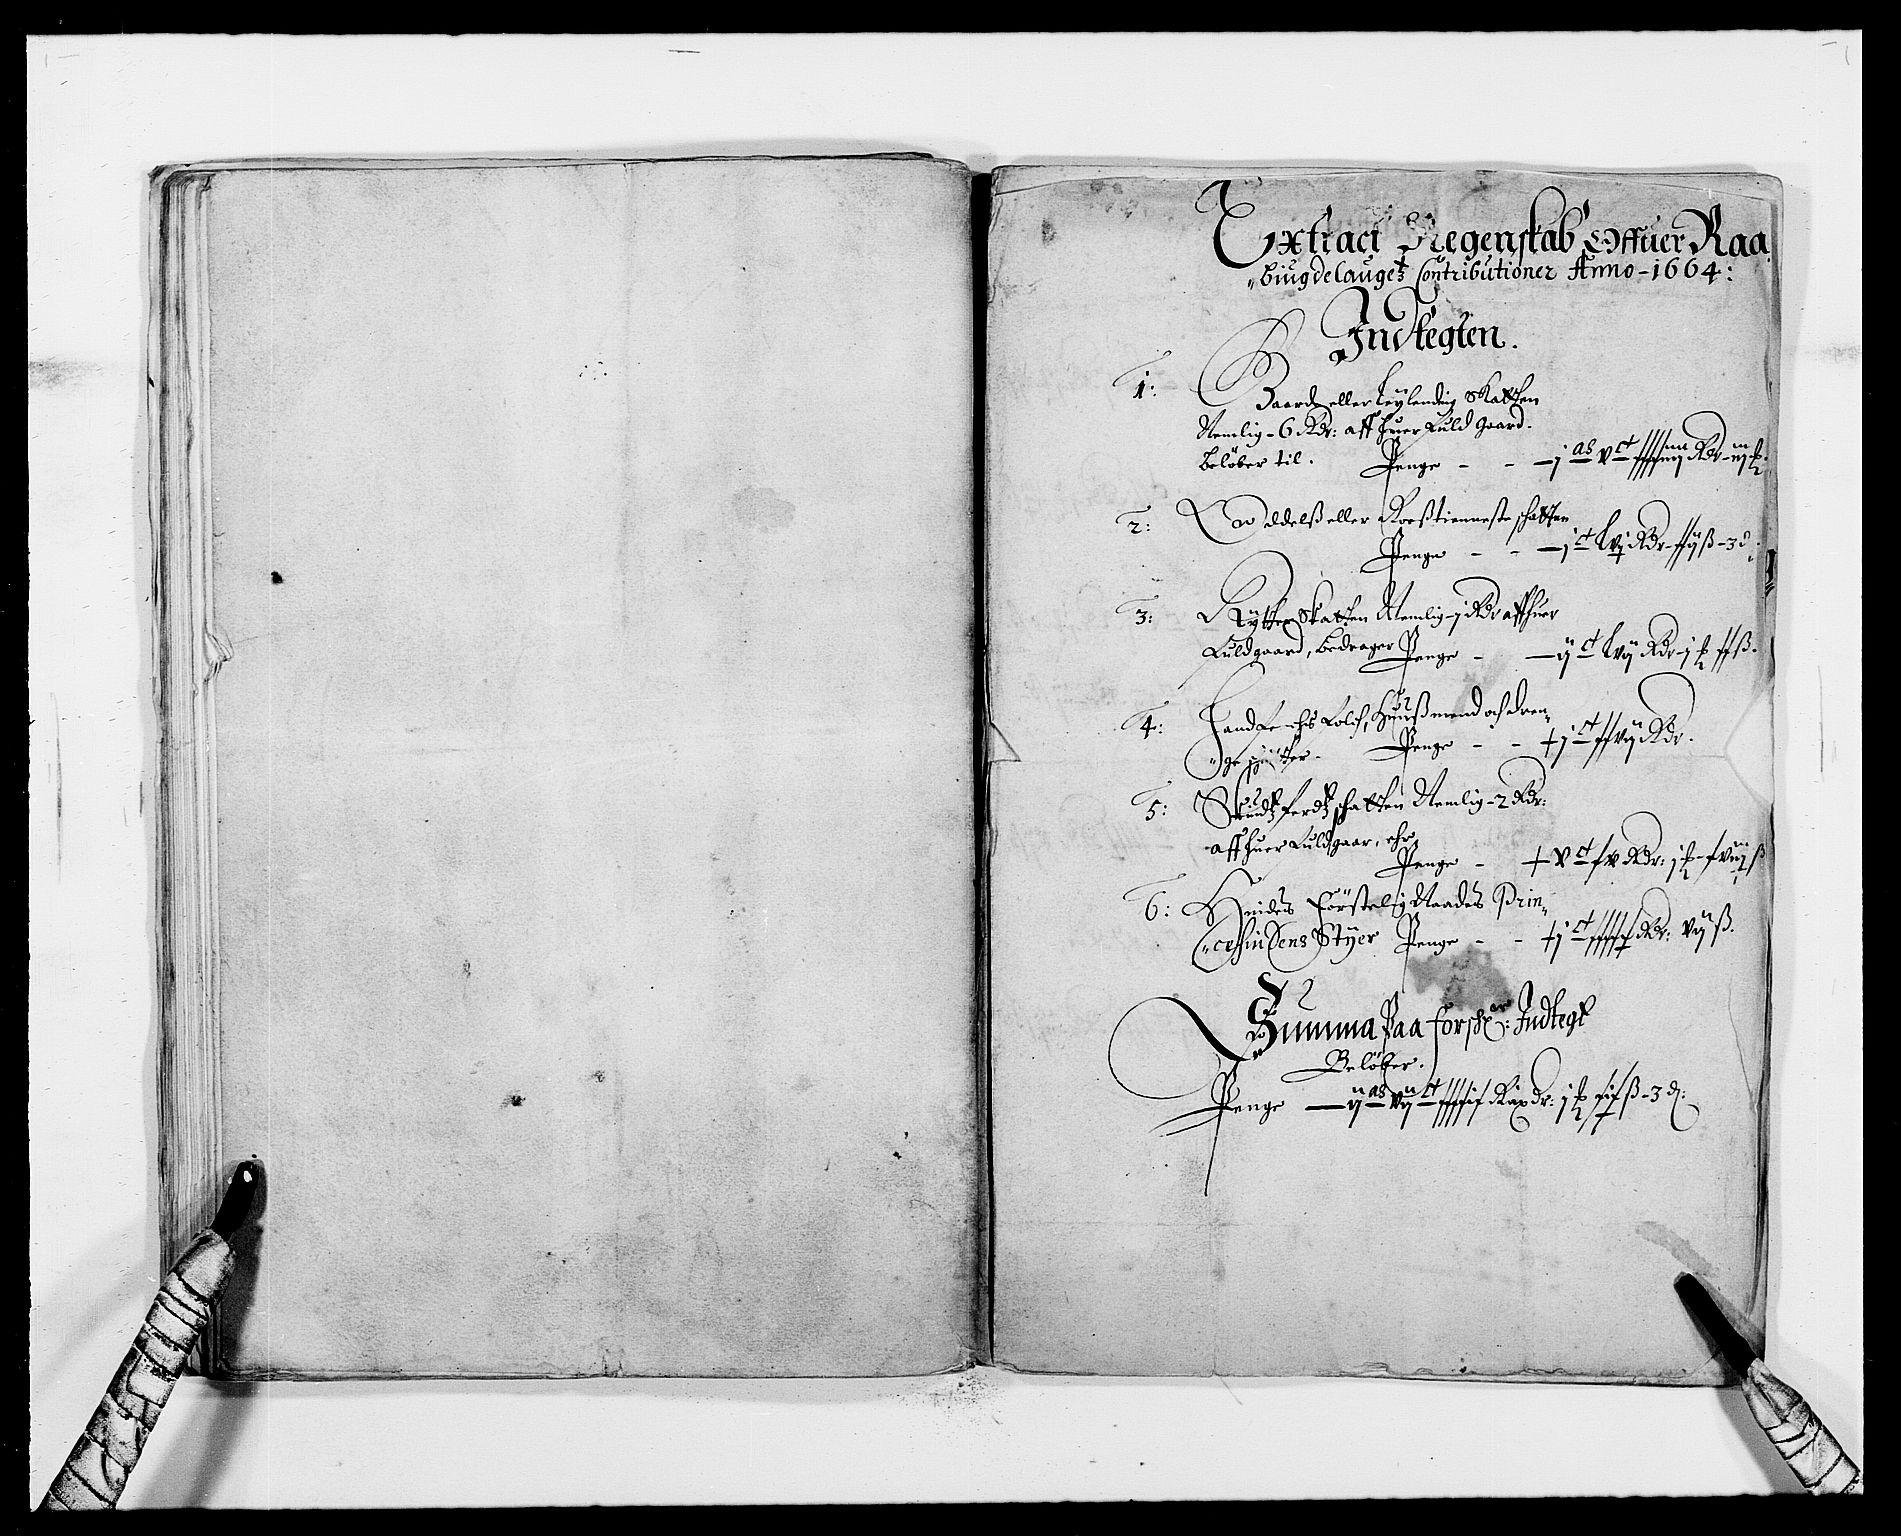 RA, Rentekammeret inntil 1814, Reviderte regnskaper, Fogderegnskap, R40/L2431: Fogderegnskap Råbyggelag, 1664-1668, s. 41